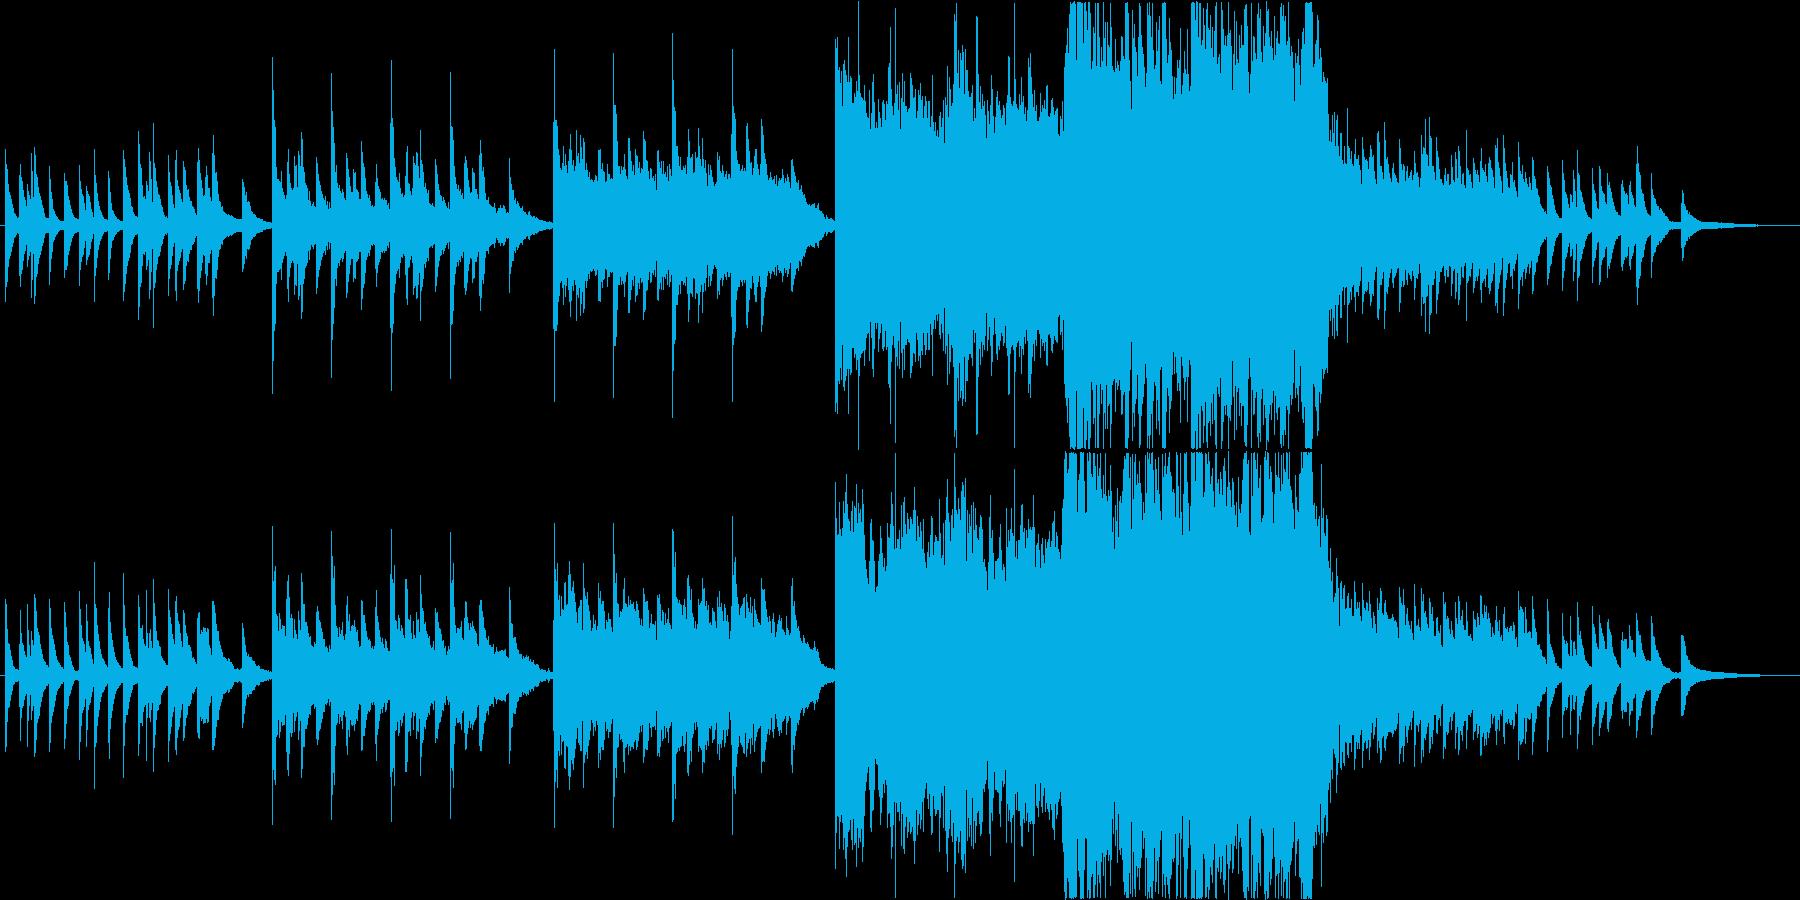 映画のような音楽の再生済みの波形